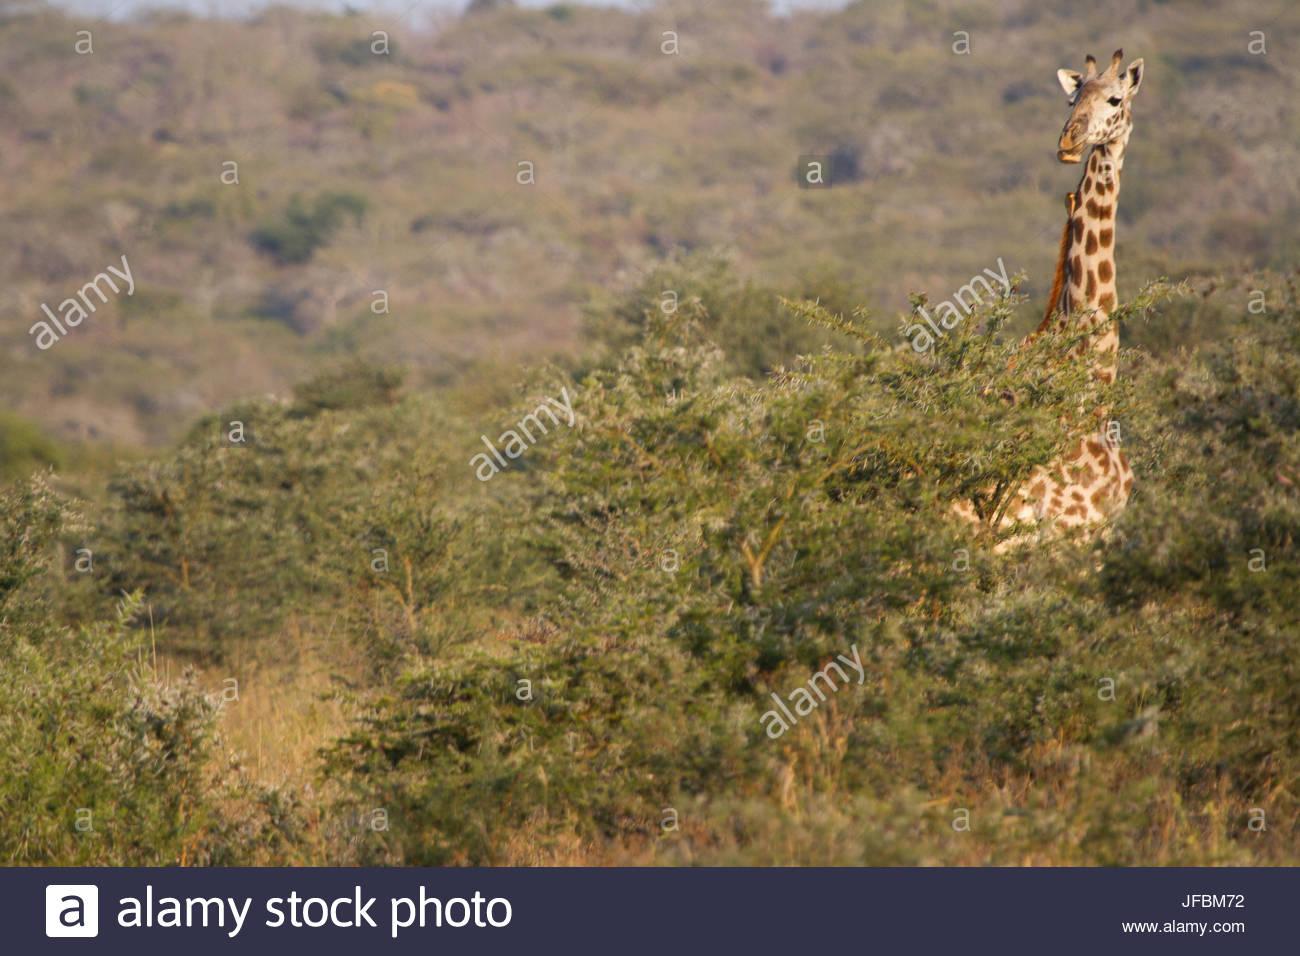 Une girafe, tête au-dessus de la cime des arbres sur la steppe Masaï. Photo Stock